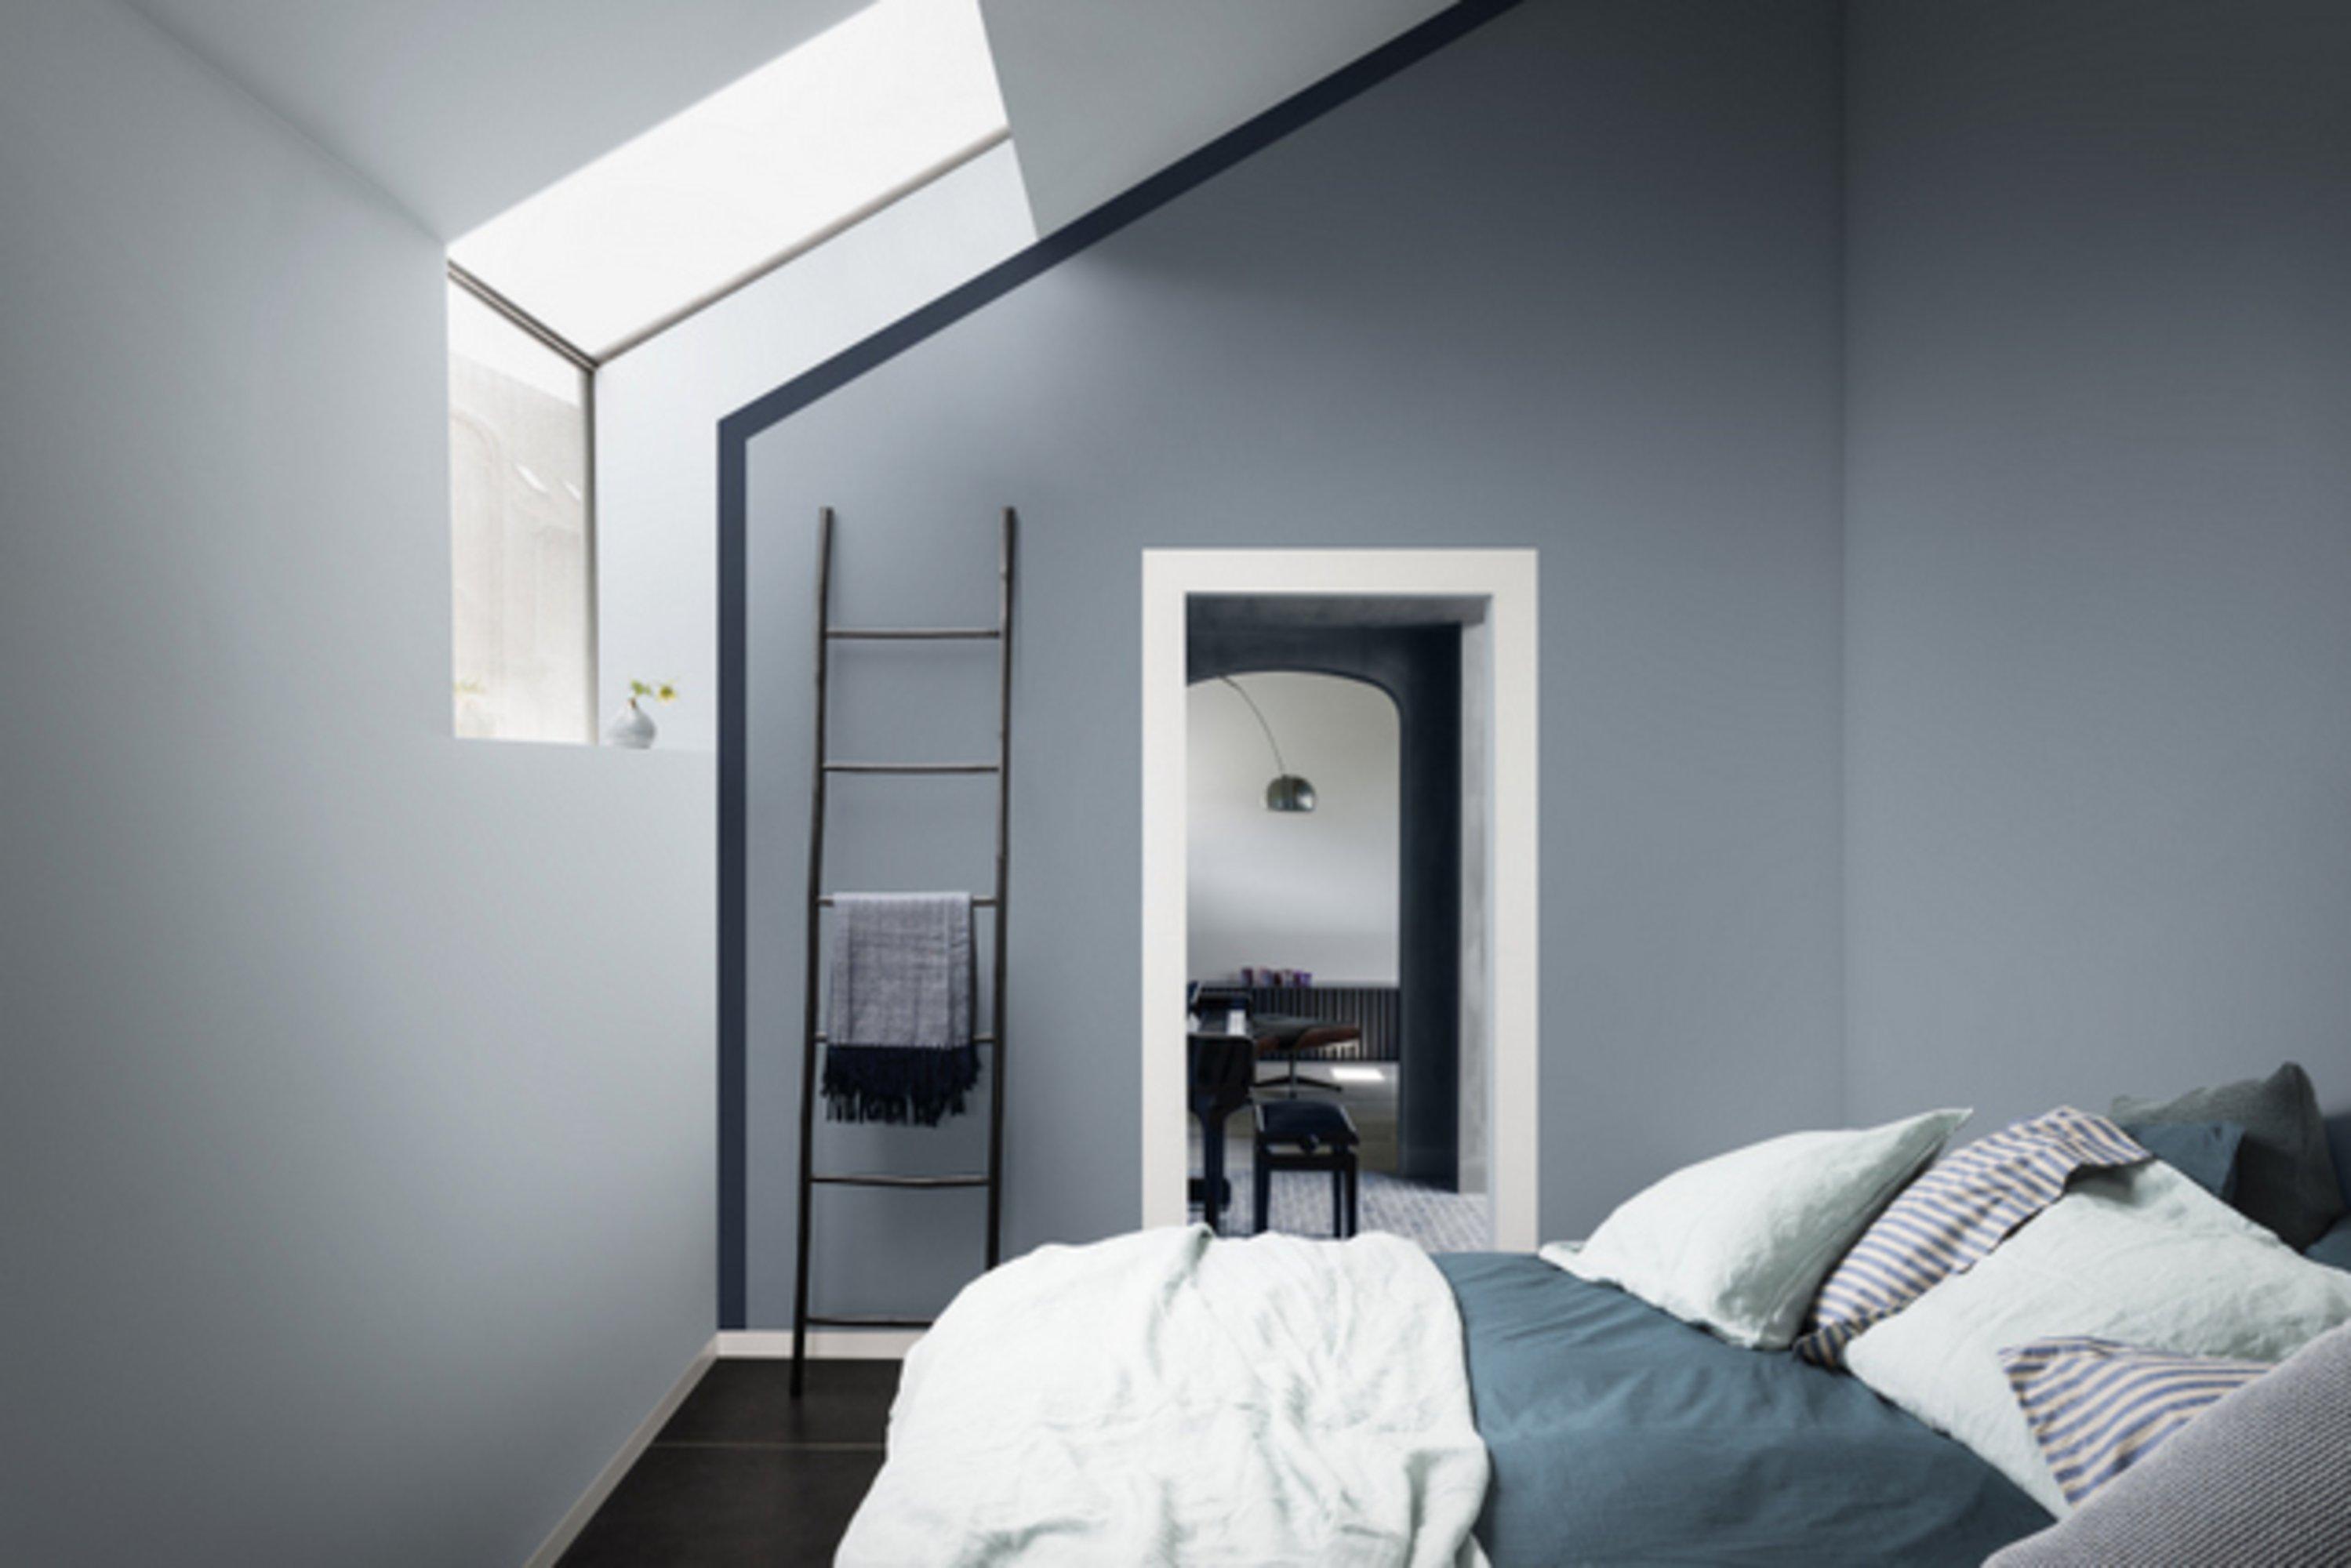 https://maisonbelle.nl/wp-content/uploads/2016/09/maisonbelle-slaapkamer-schilderen-blauw.jpg